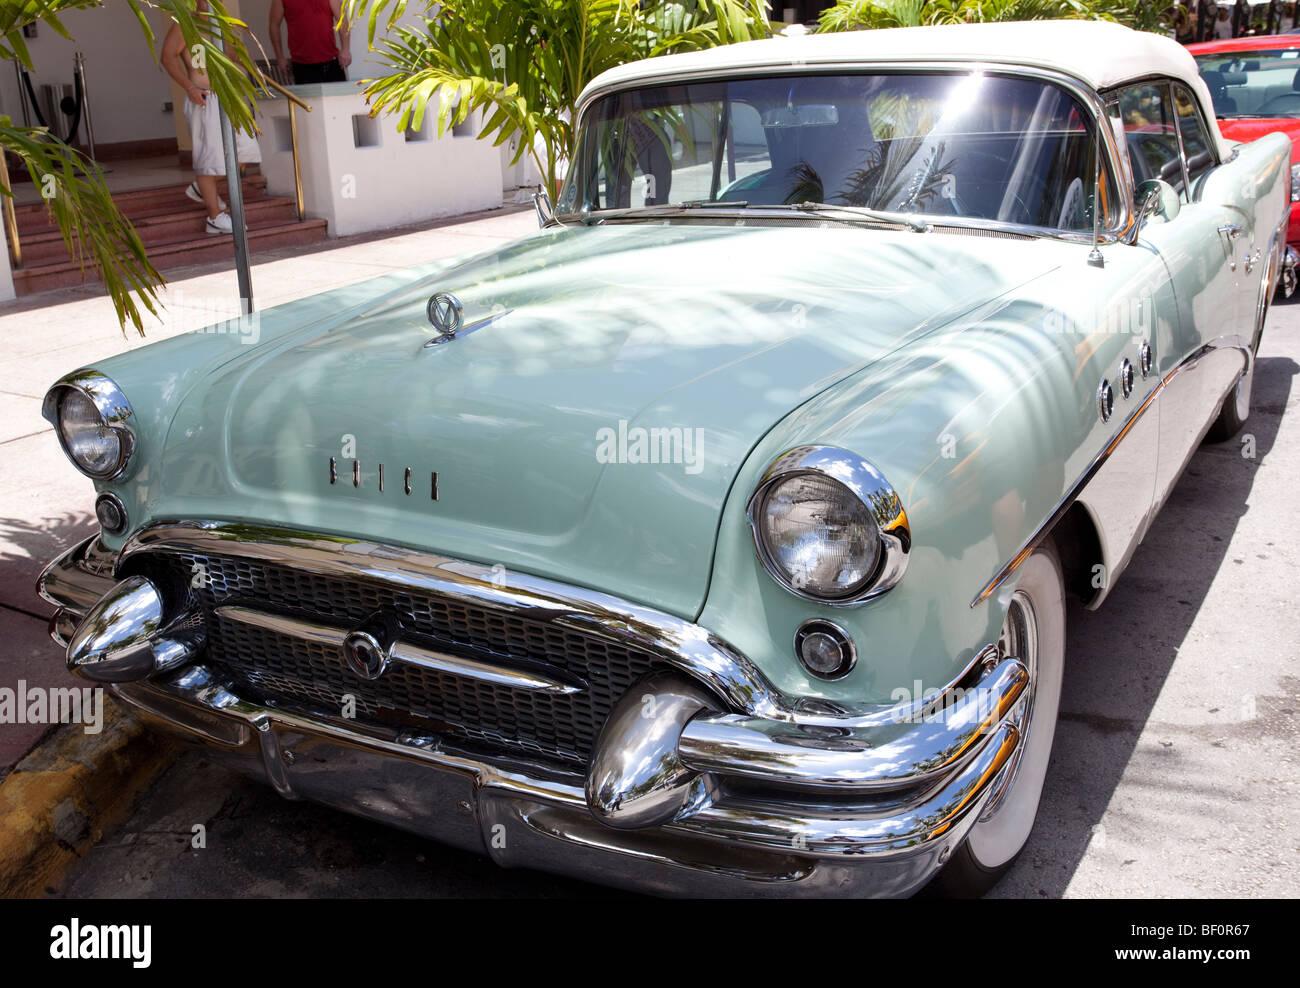 Old car, Miami Beach, Florida, USA Stock Photo: 26448415 - Alamy